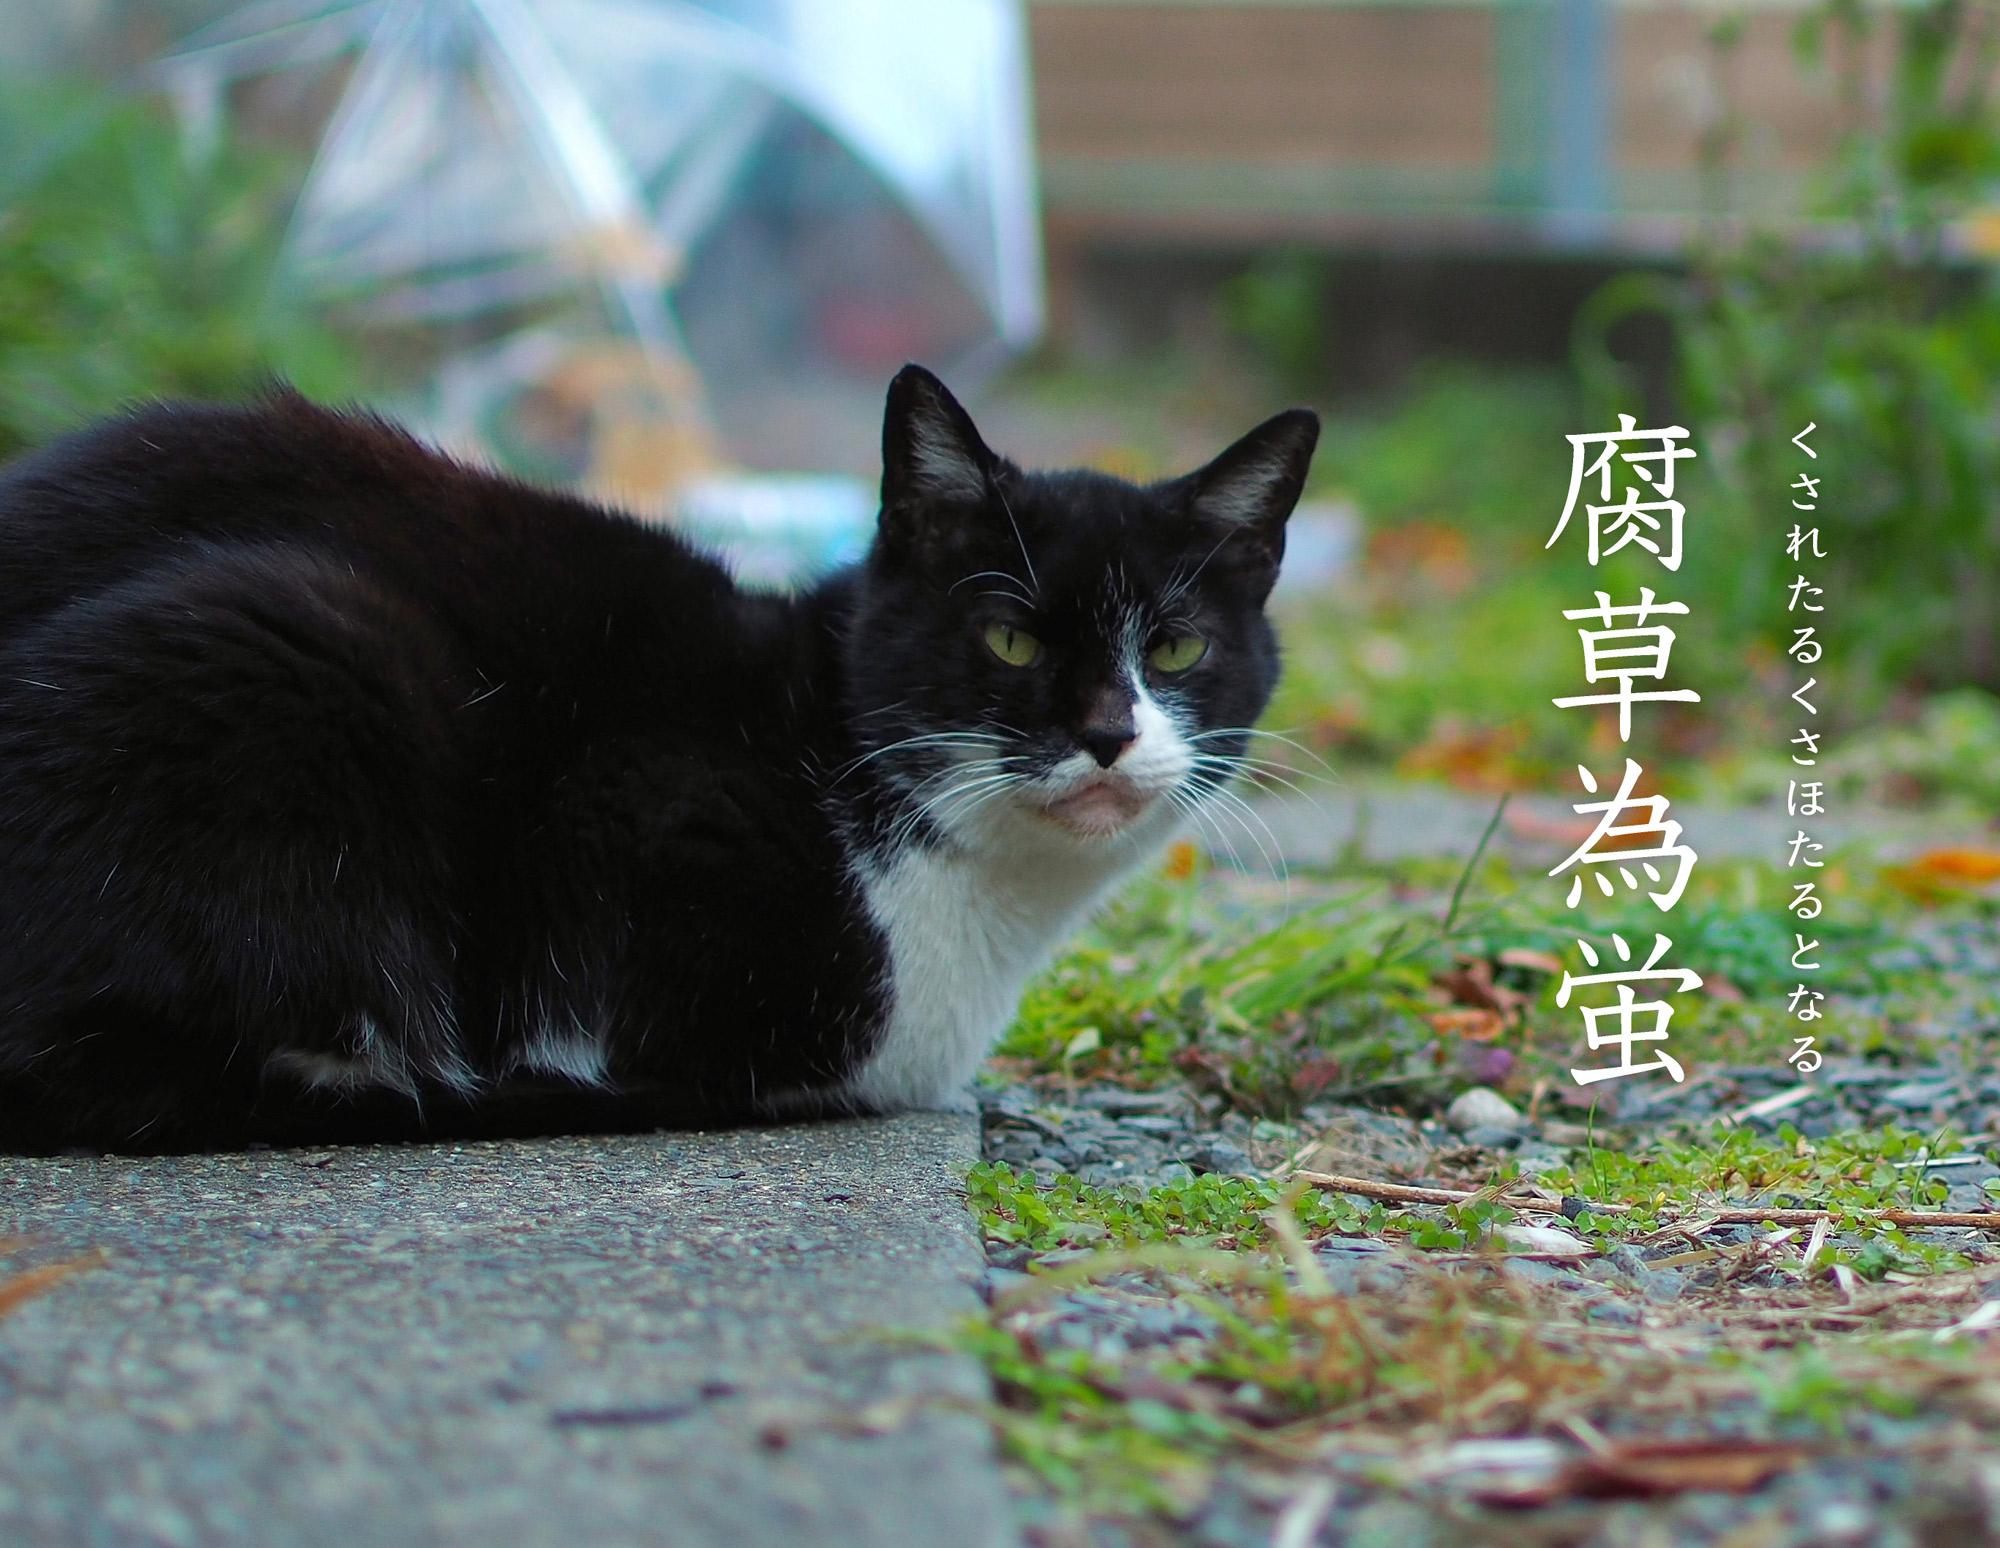 腐草為蛍と猫